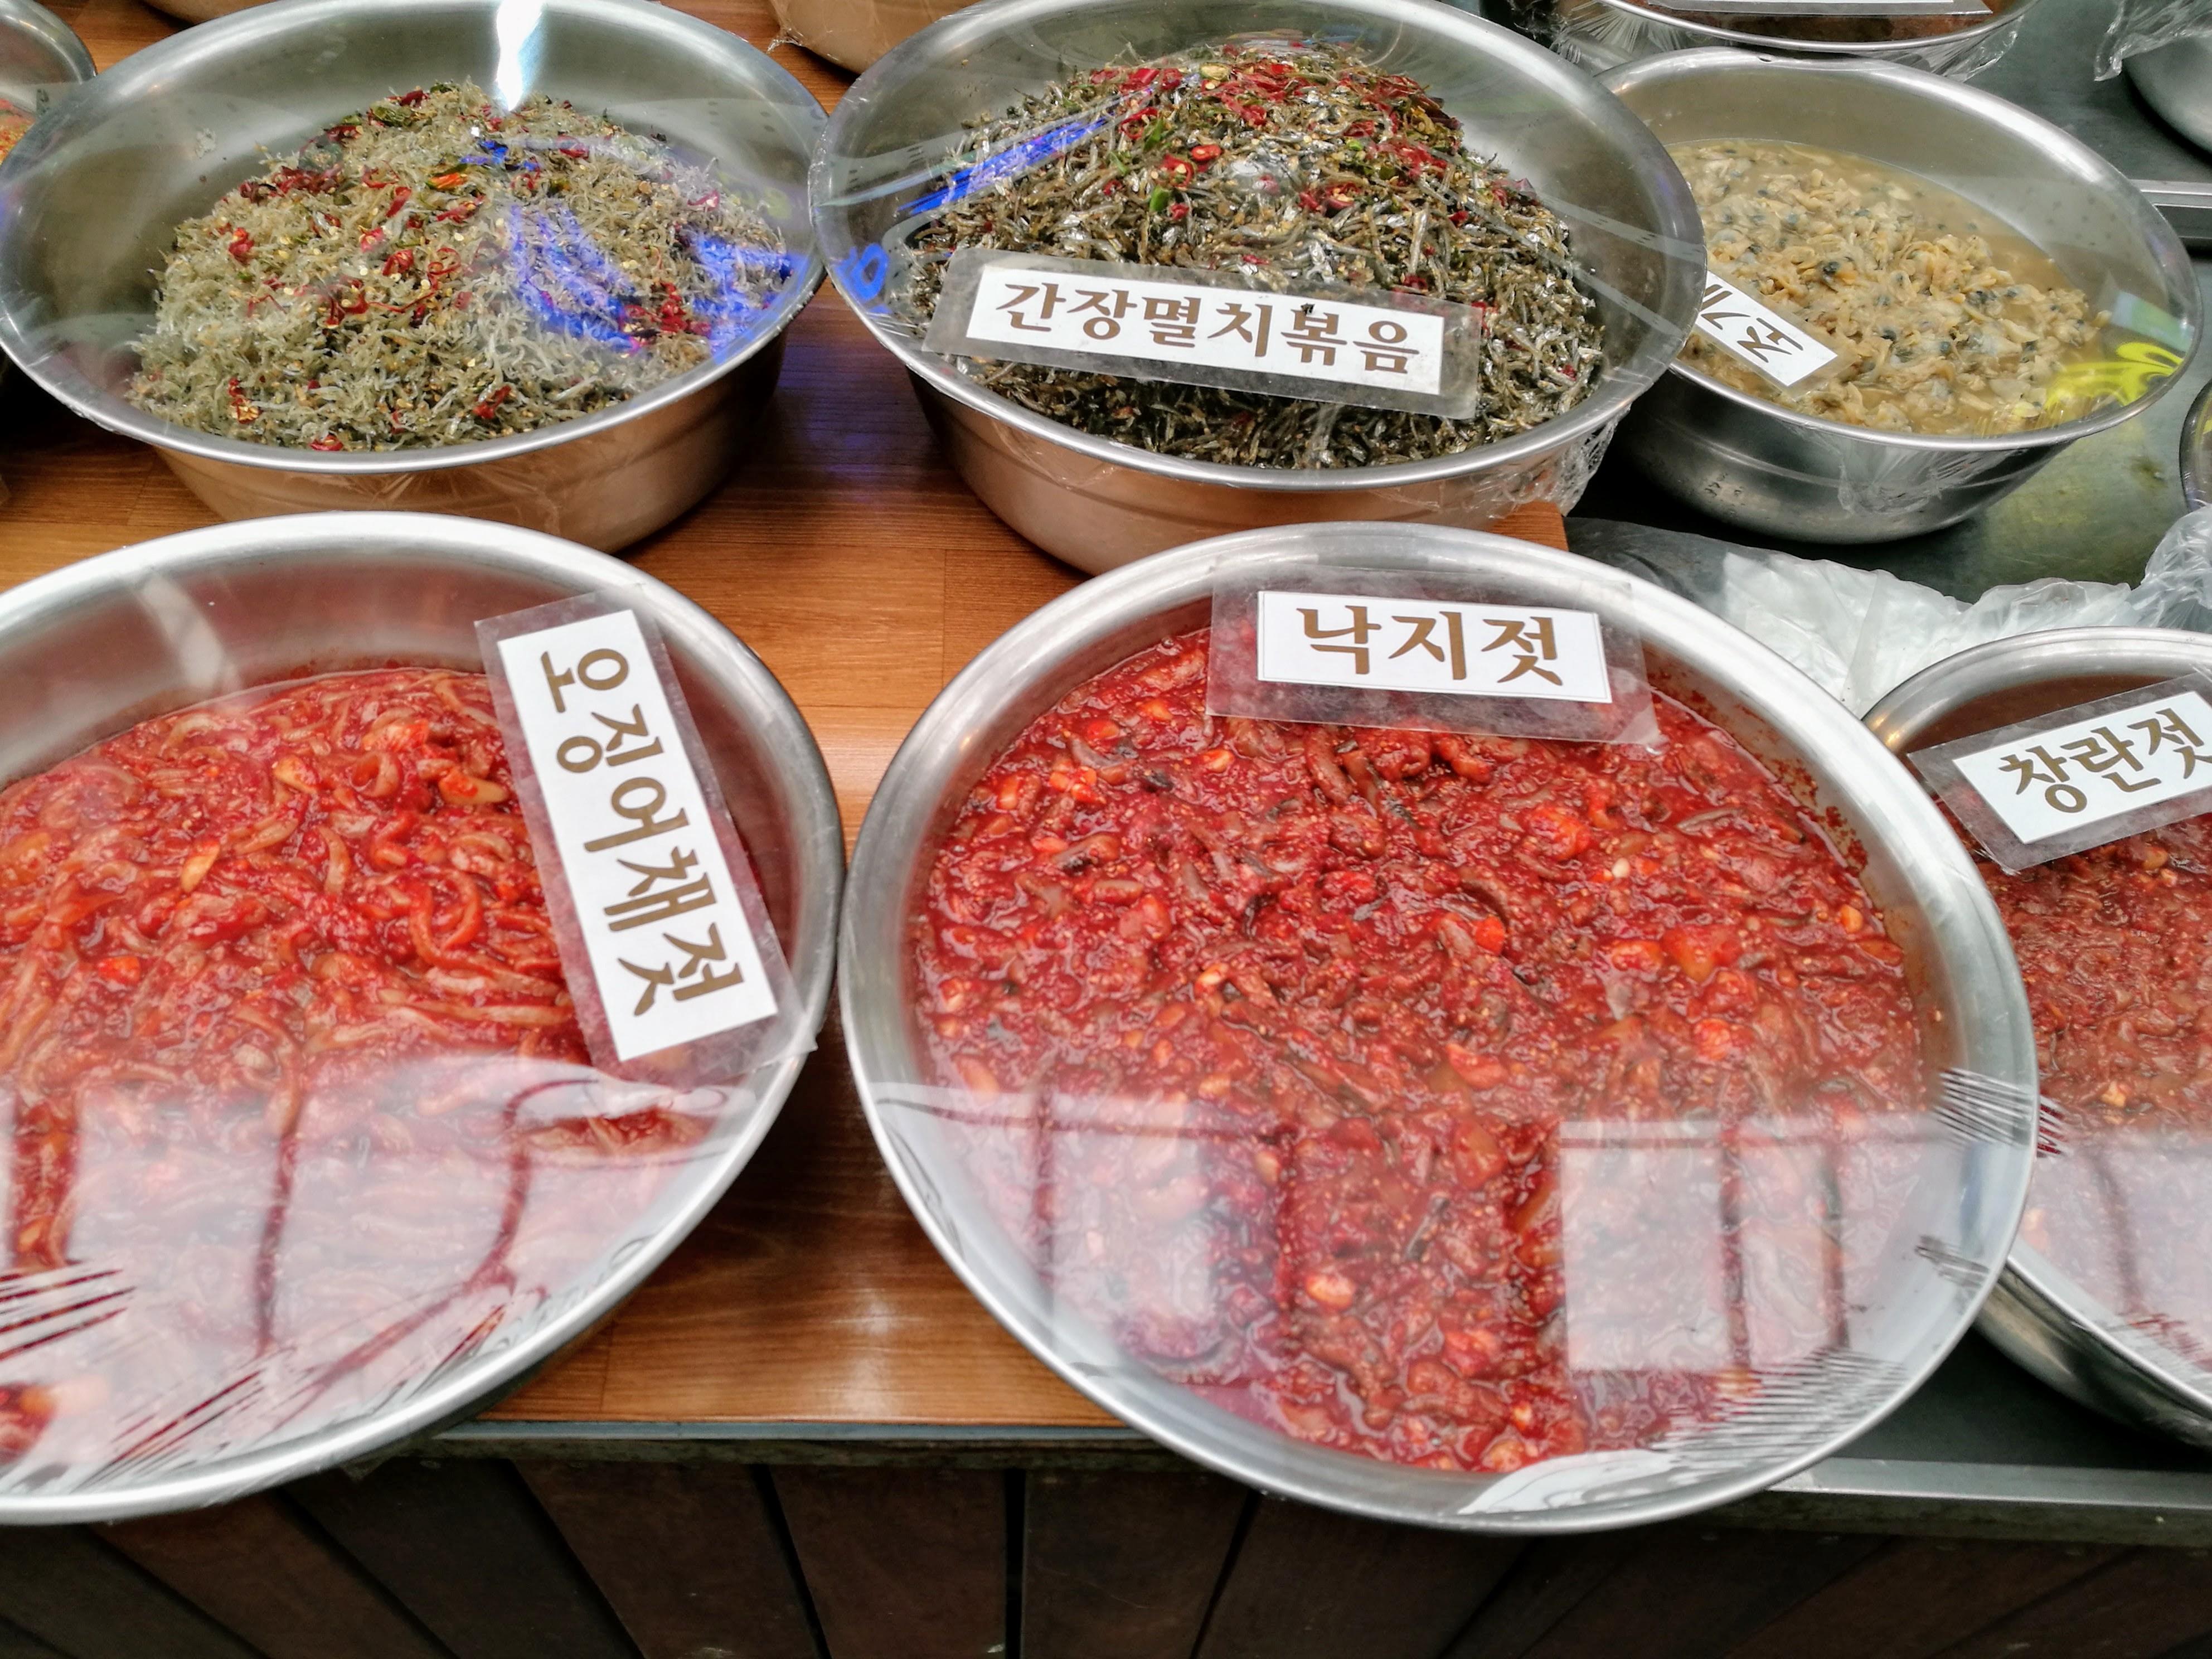 Koreai piac; fermentált ételek